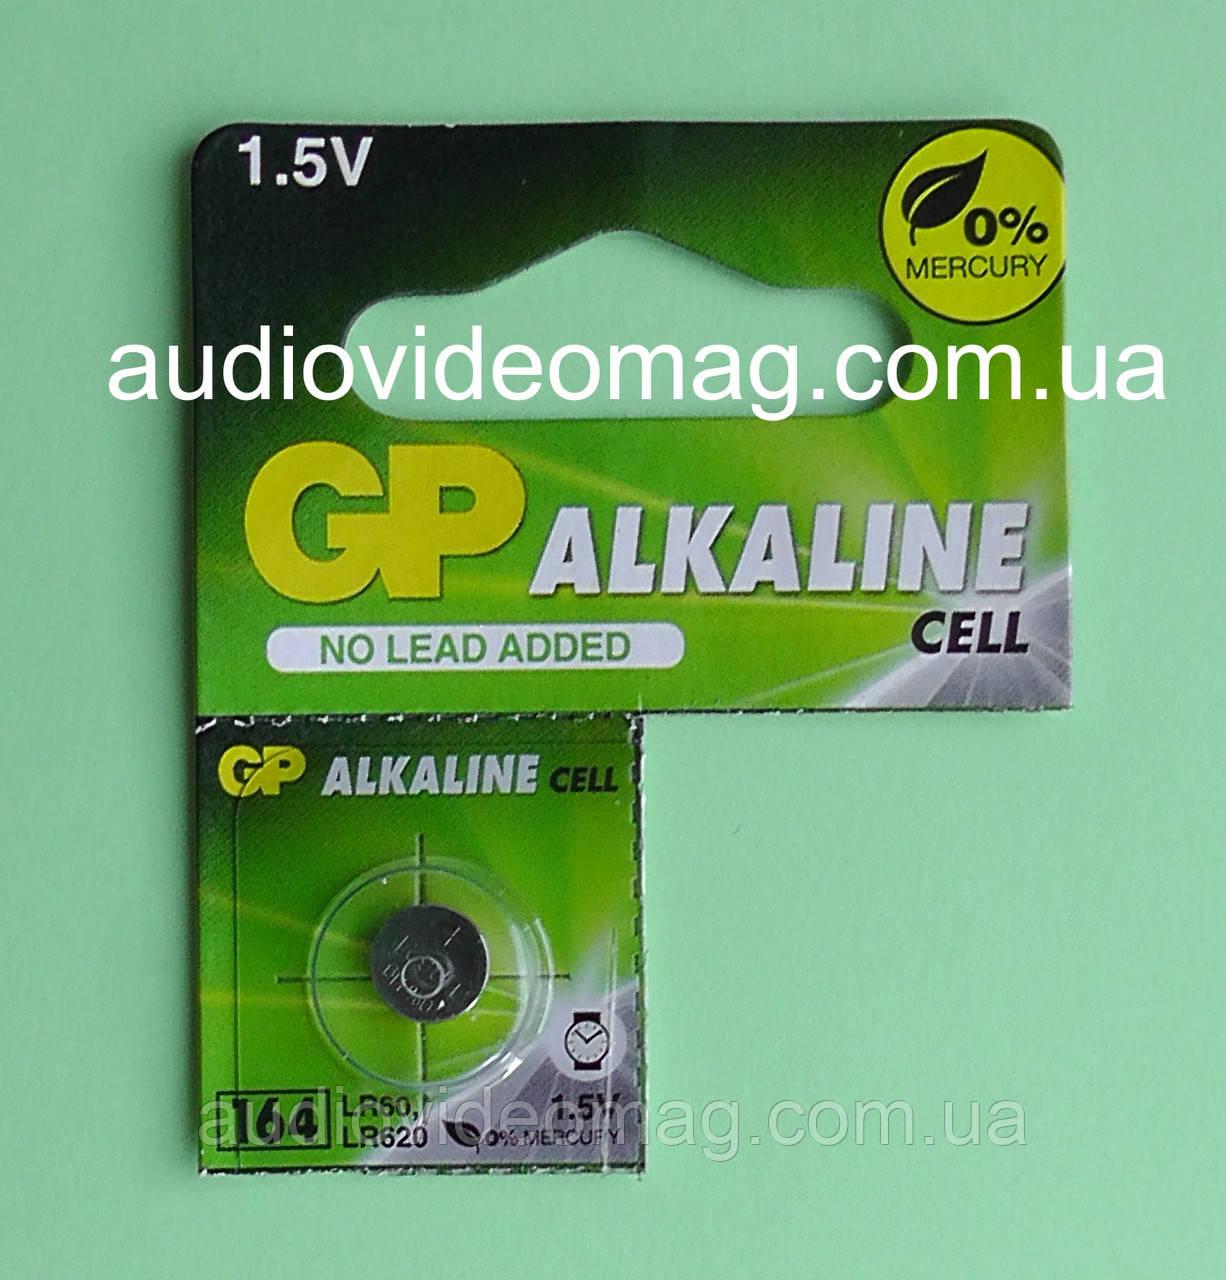 Батарейка G1 (AG1, 364, LR620, LR60) Alkaline 1.5V для часов